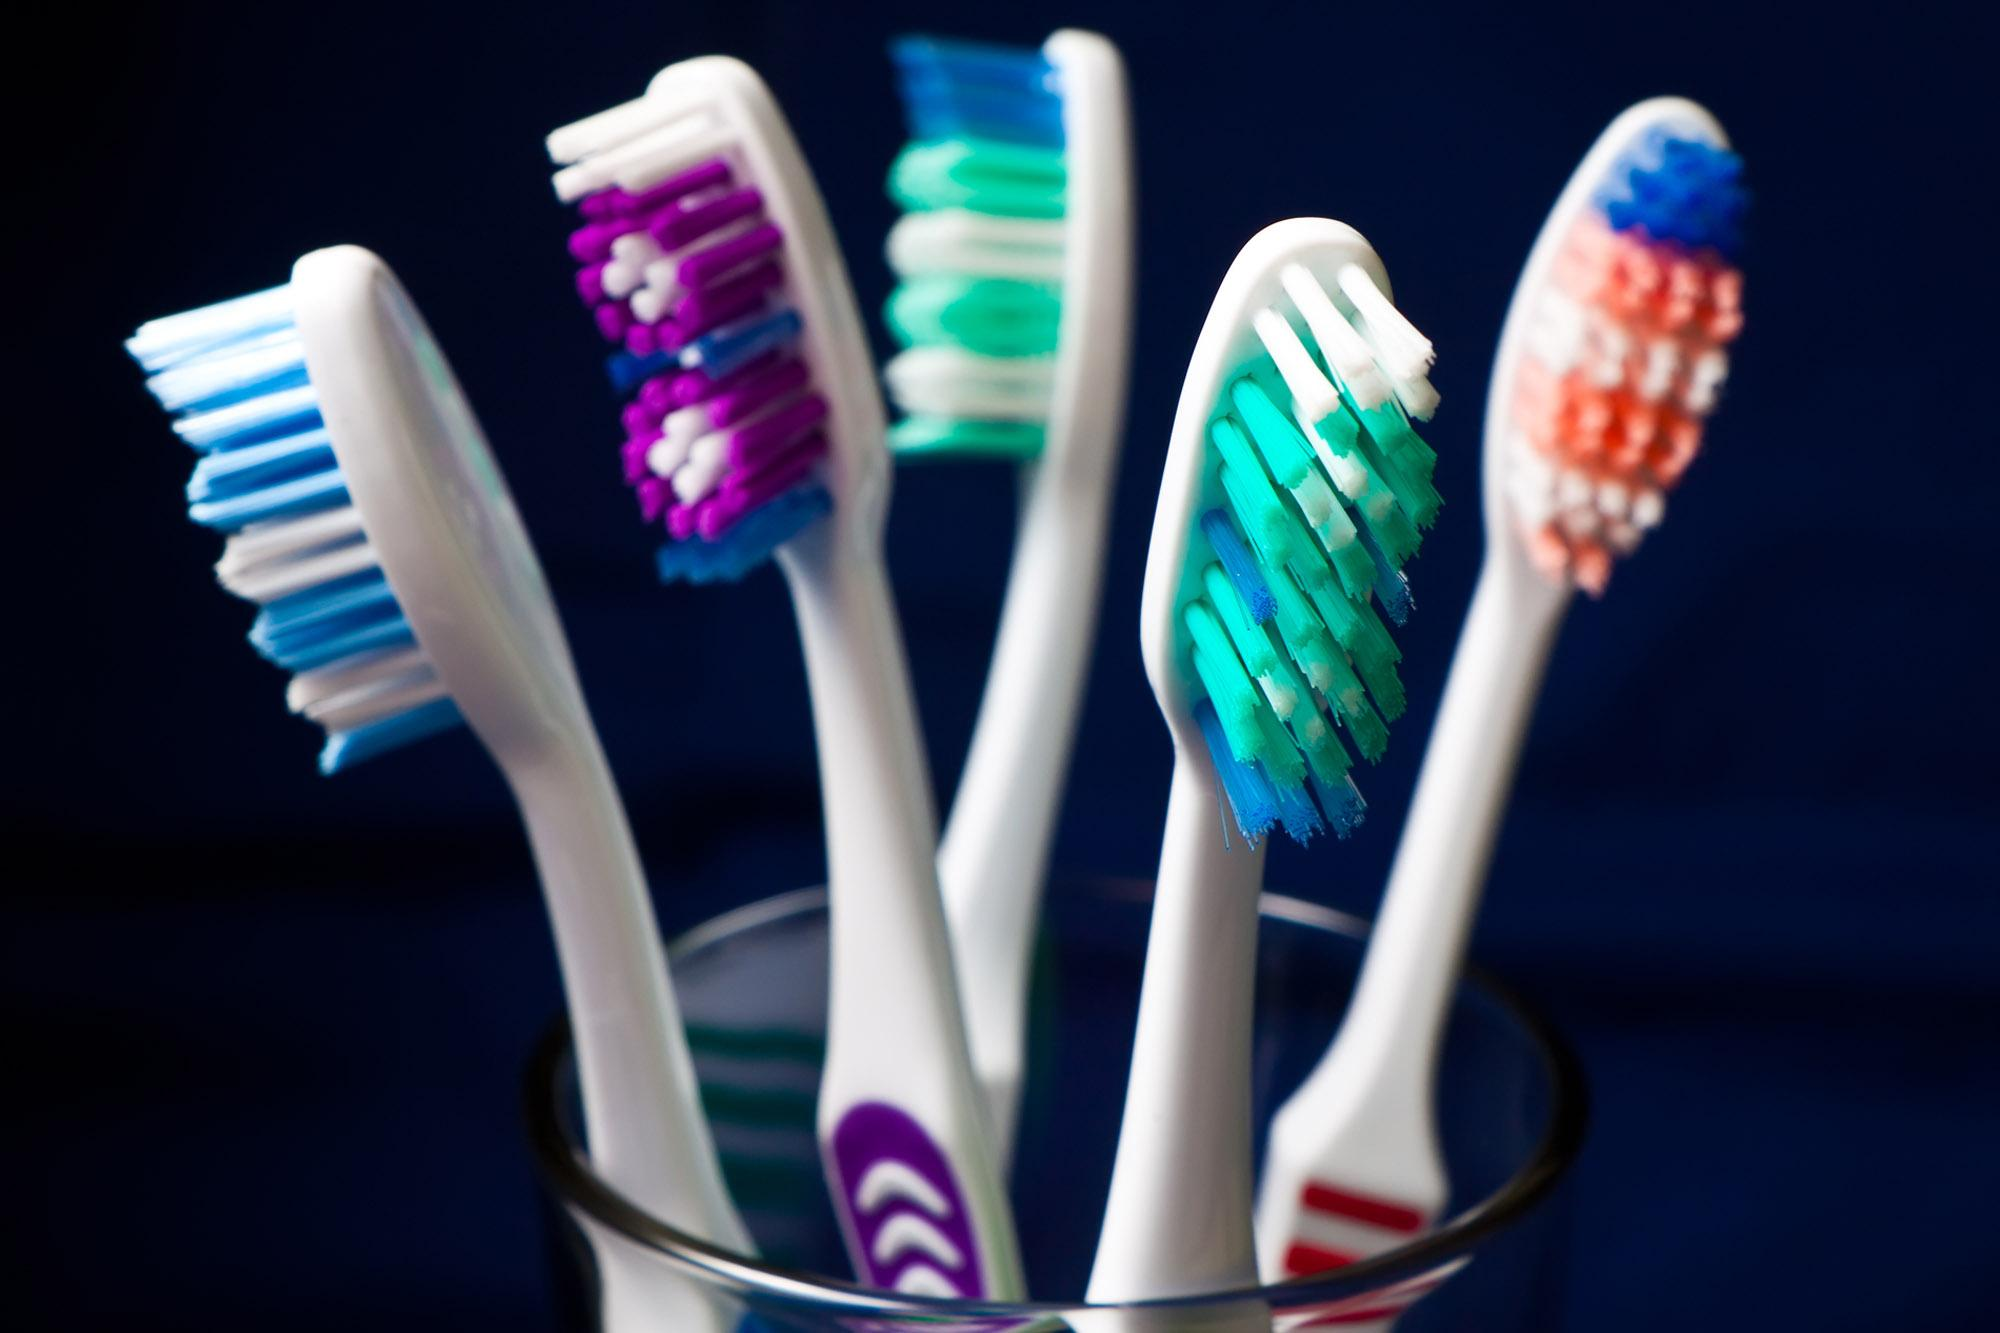 Чем зубные щетки опасны для здоровья, и как с этим бороться